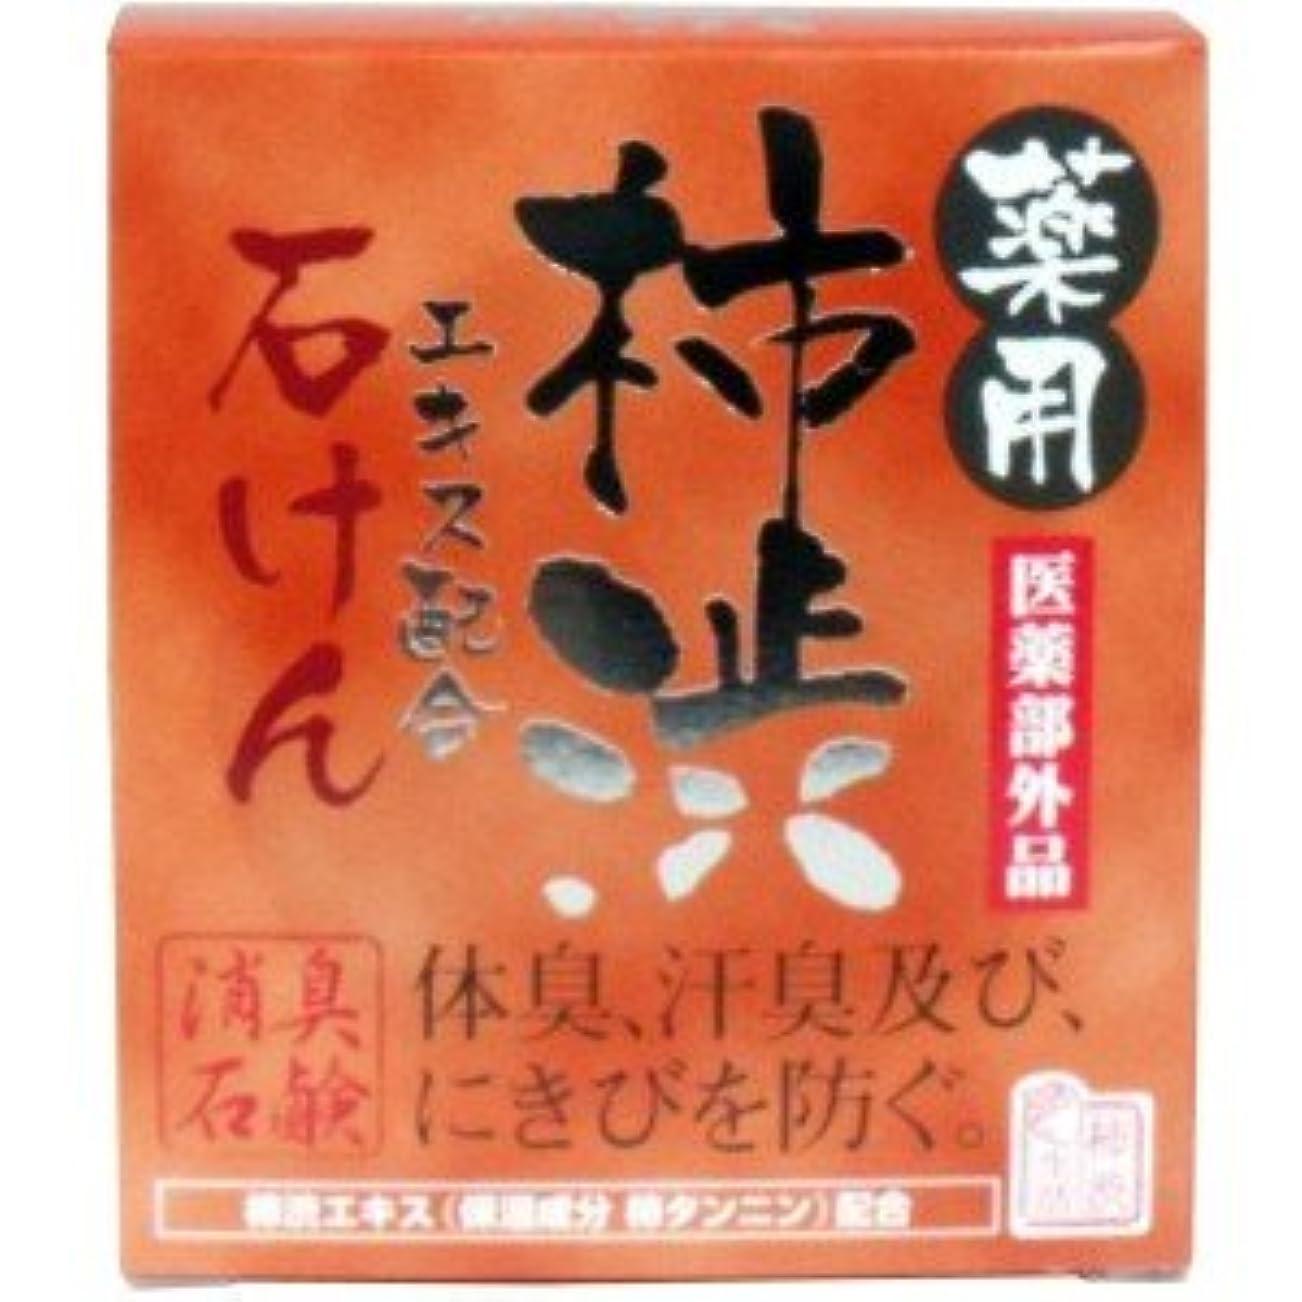 ナインへ絞るロビー(2017年春の新商品)(マックス)薬用 柿渋エキス配合石けん 100g(医薬部外品)(お買い得3個セット)